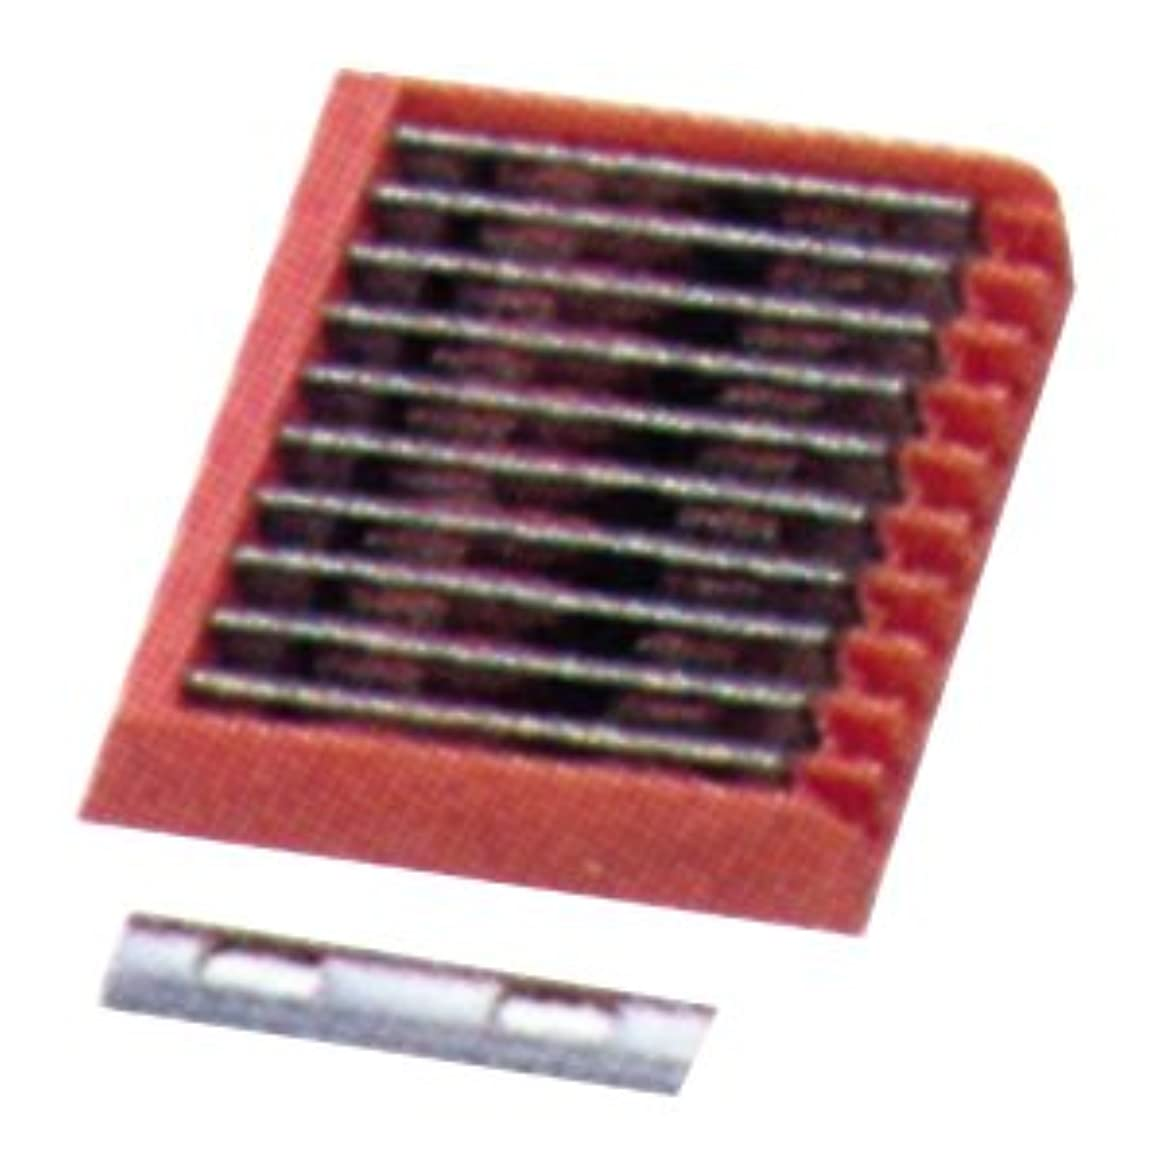 ダイヤモンドグリットパックフェザー プレビューブレイド 10枚×5